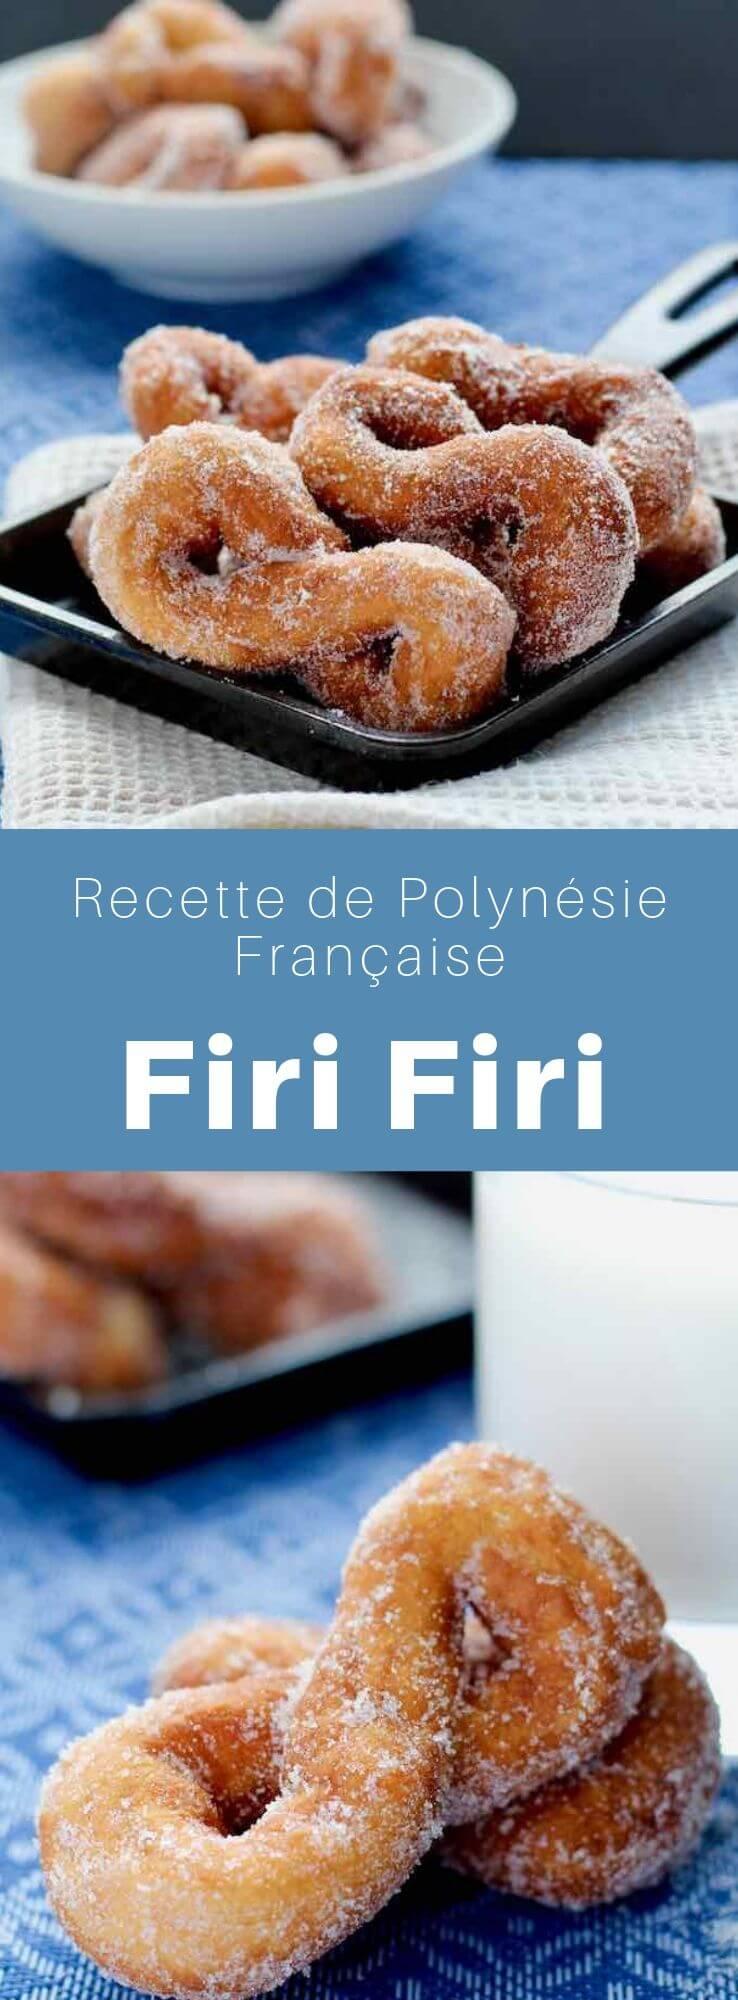 Le firi firi est un beignet au lait de coco, une spécialité polynésienne servie au petit déjeuner traditionnel. #Polynesie #PolynesieFrancaise #CuisinePolynesienne #RecettePolynesienne #CuisineDuMonde #196flavors